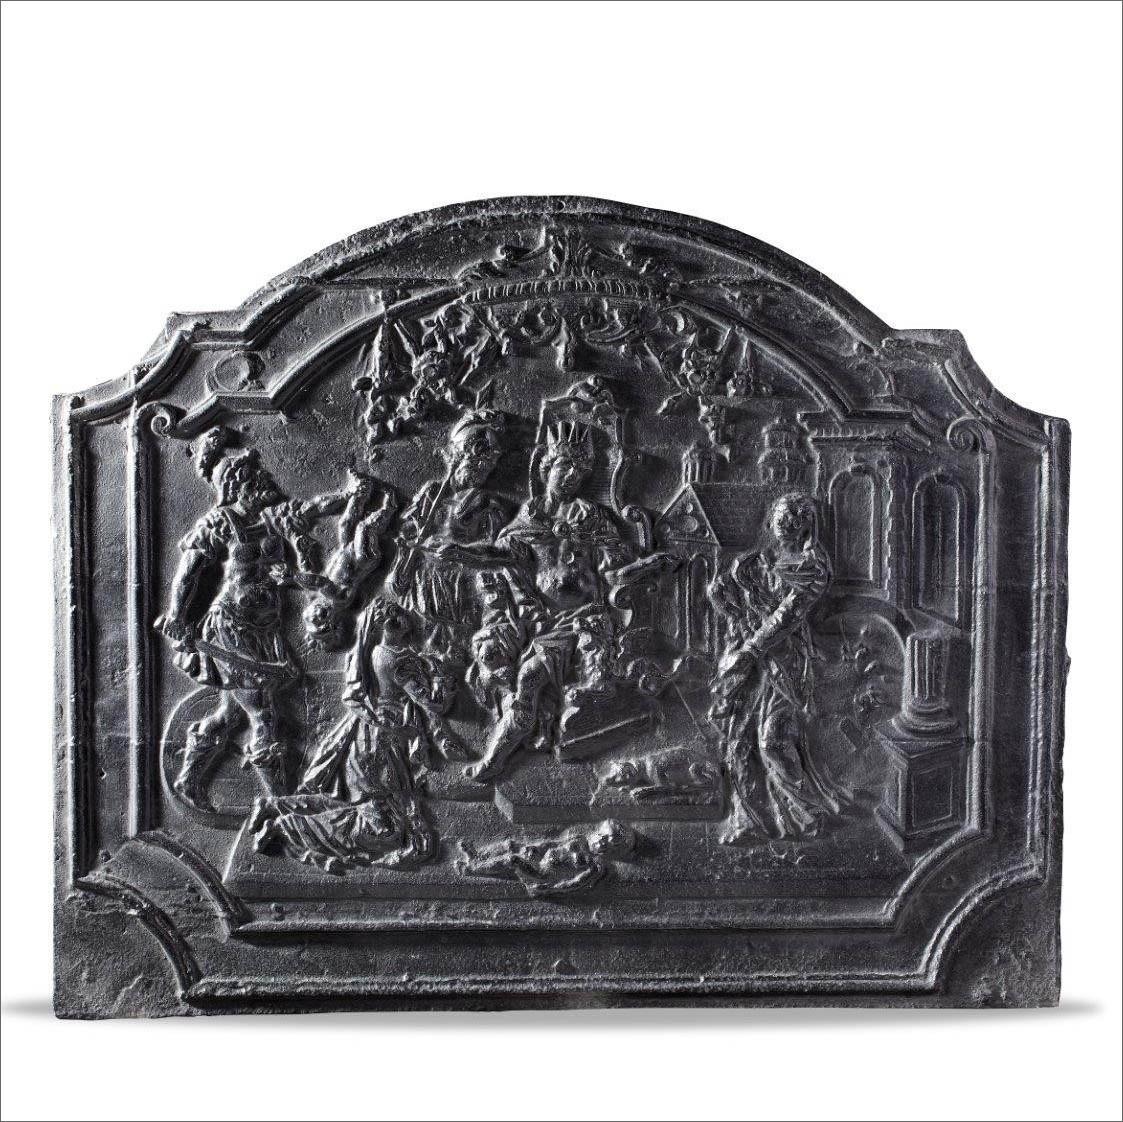 Antieke 17de eeuwse haardplaat met een voorstelling van De Kindermoord